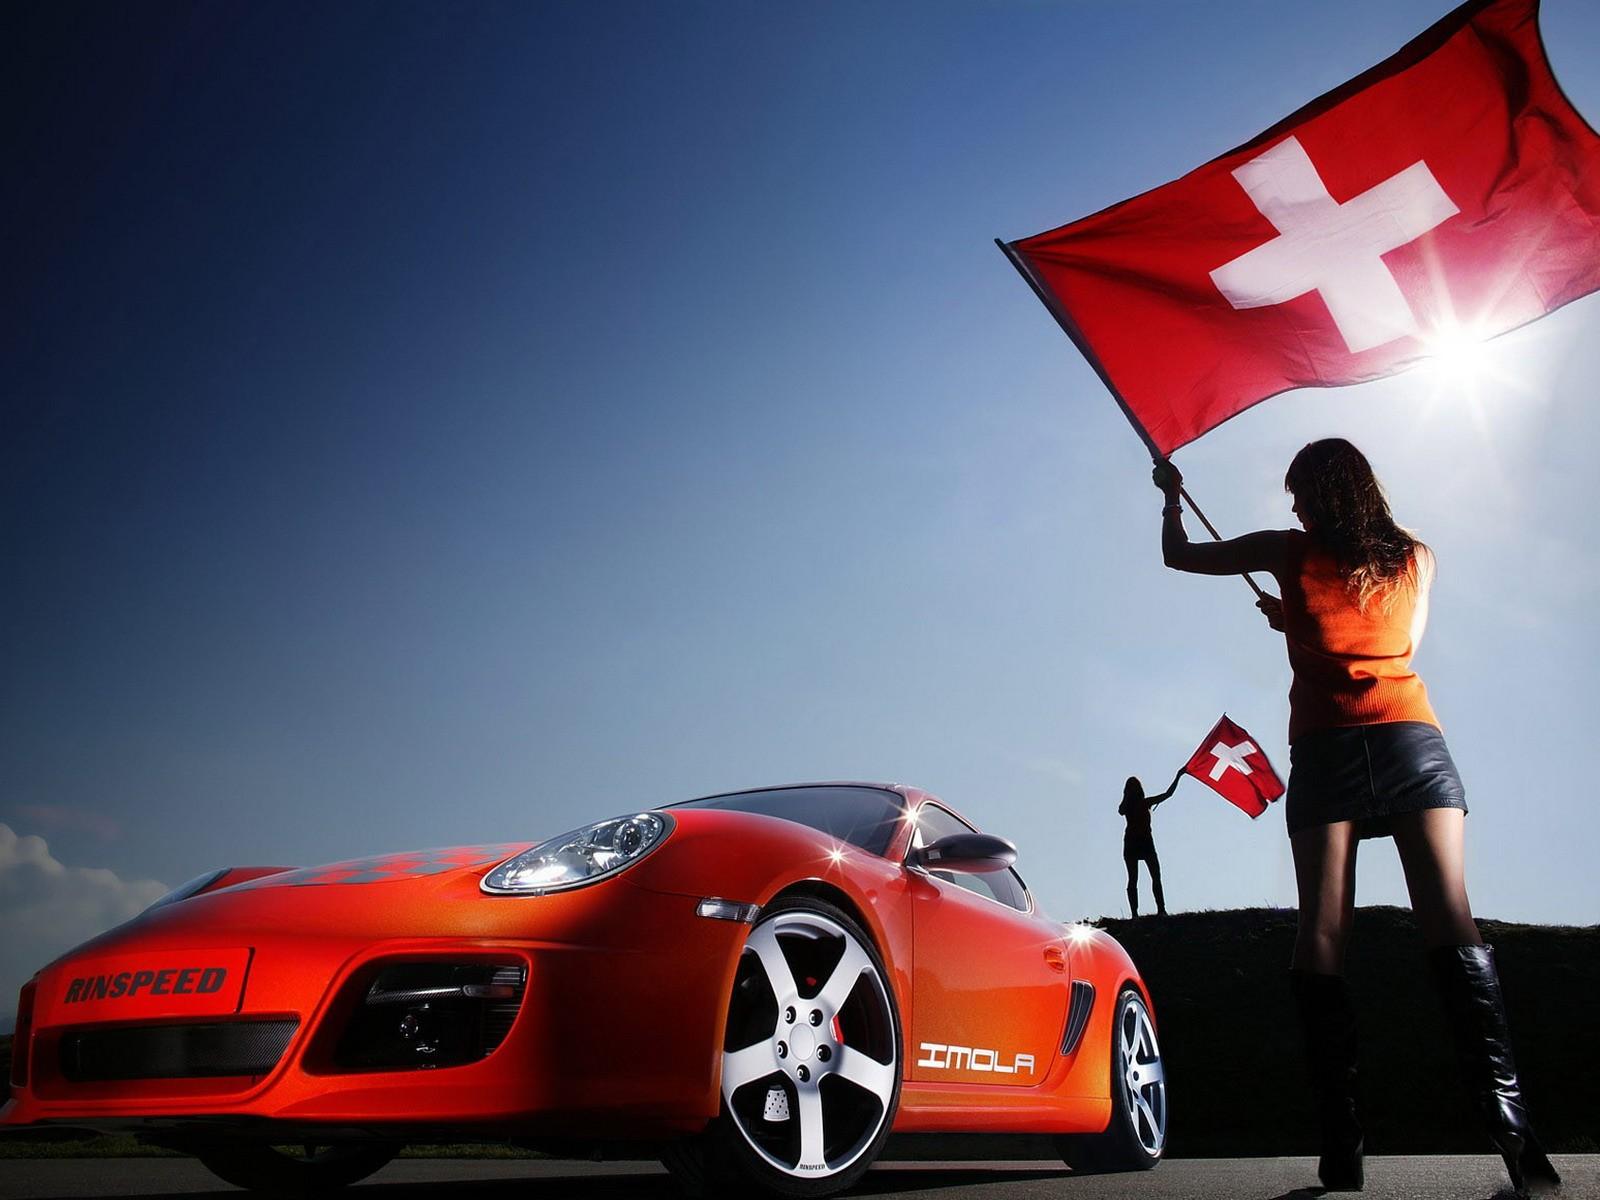 Porsche en carreras - 1600x1200